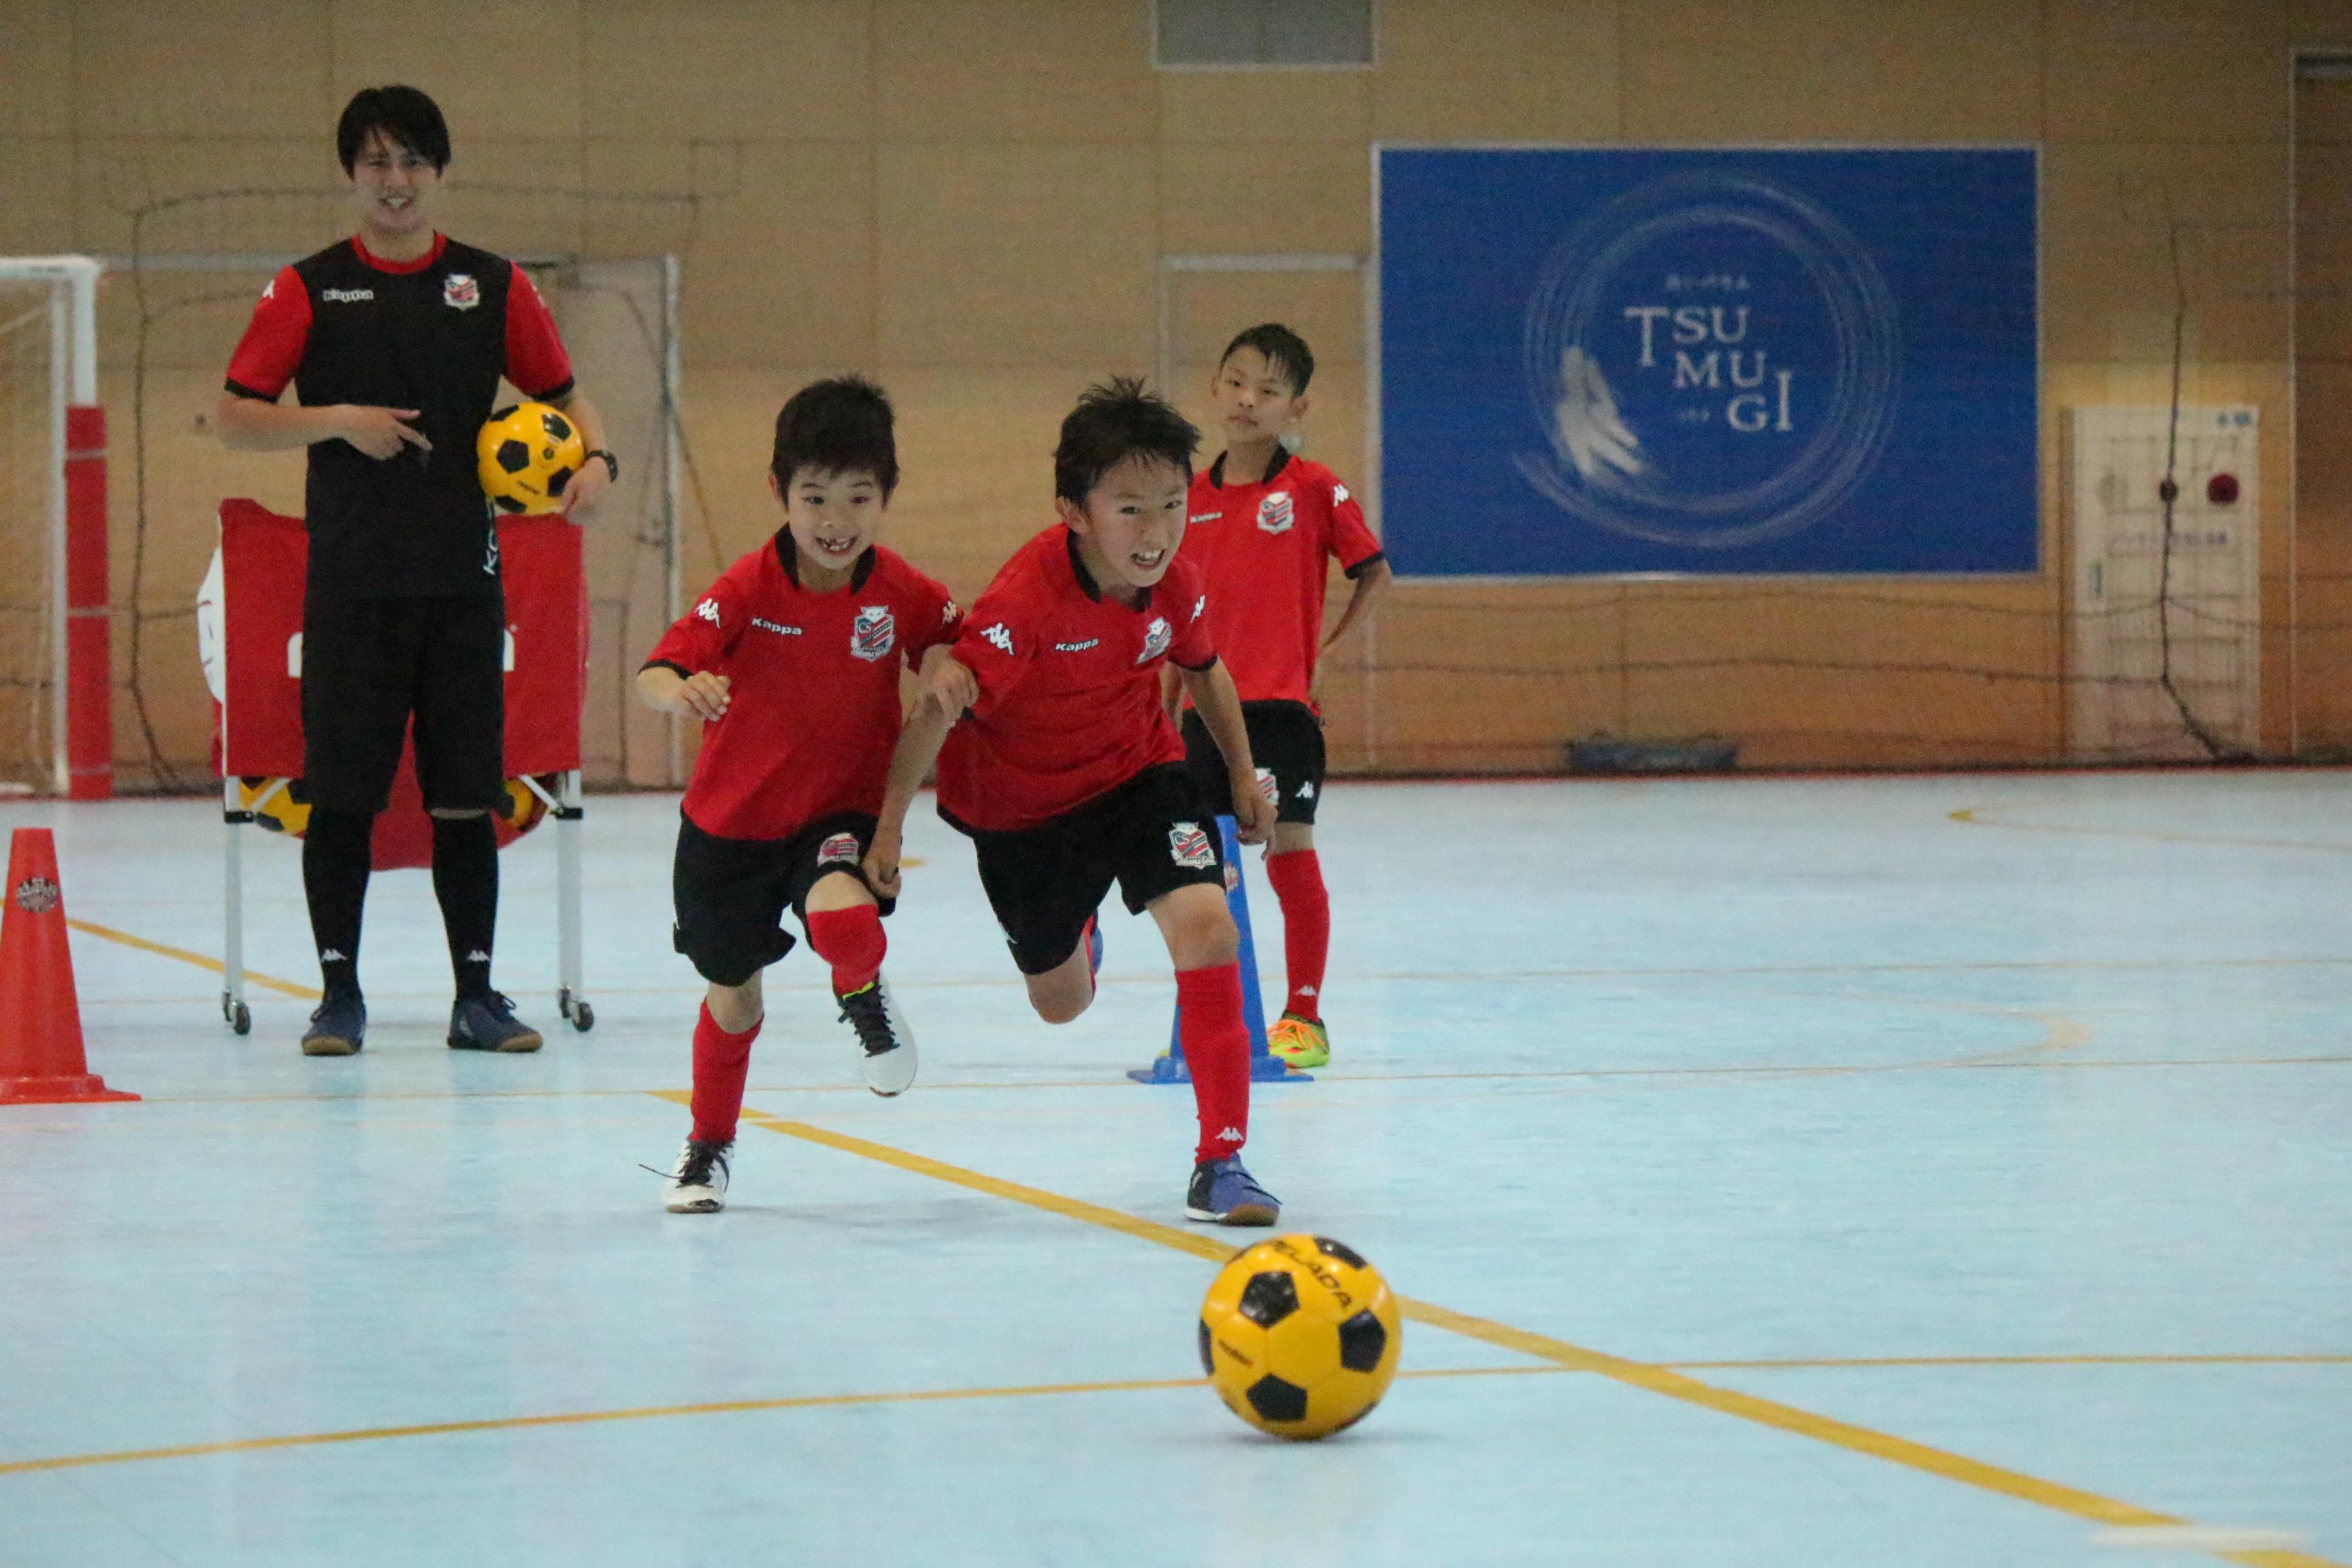 http://chsc.jp/news/up_images/IMG_6964.JPG